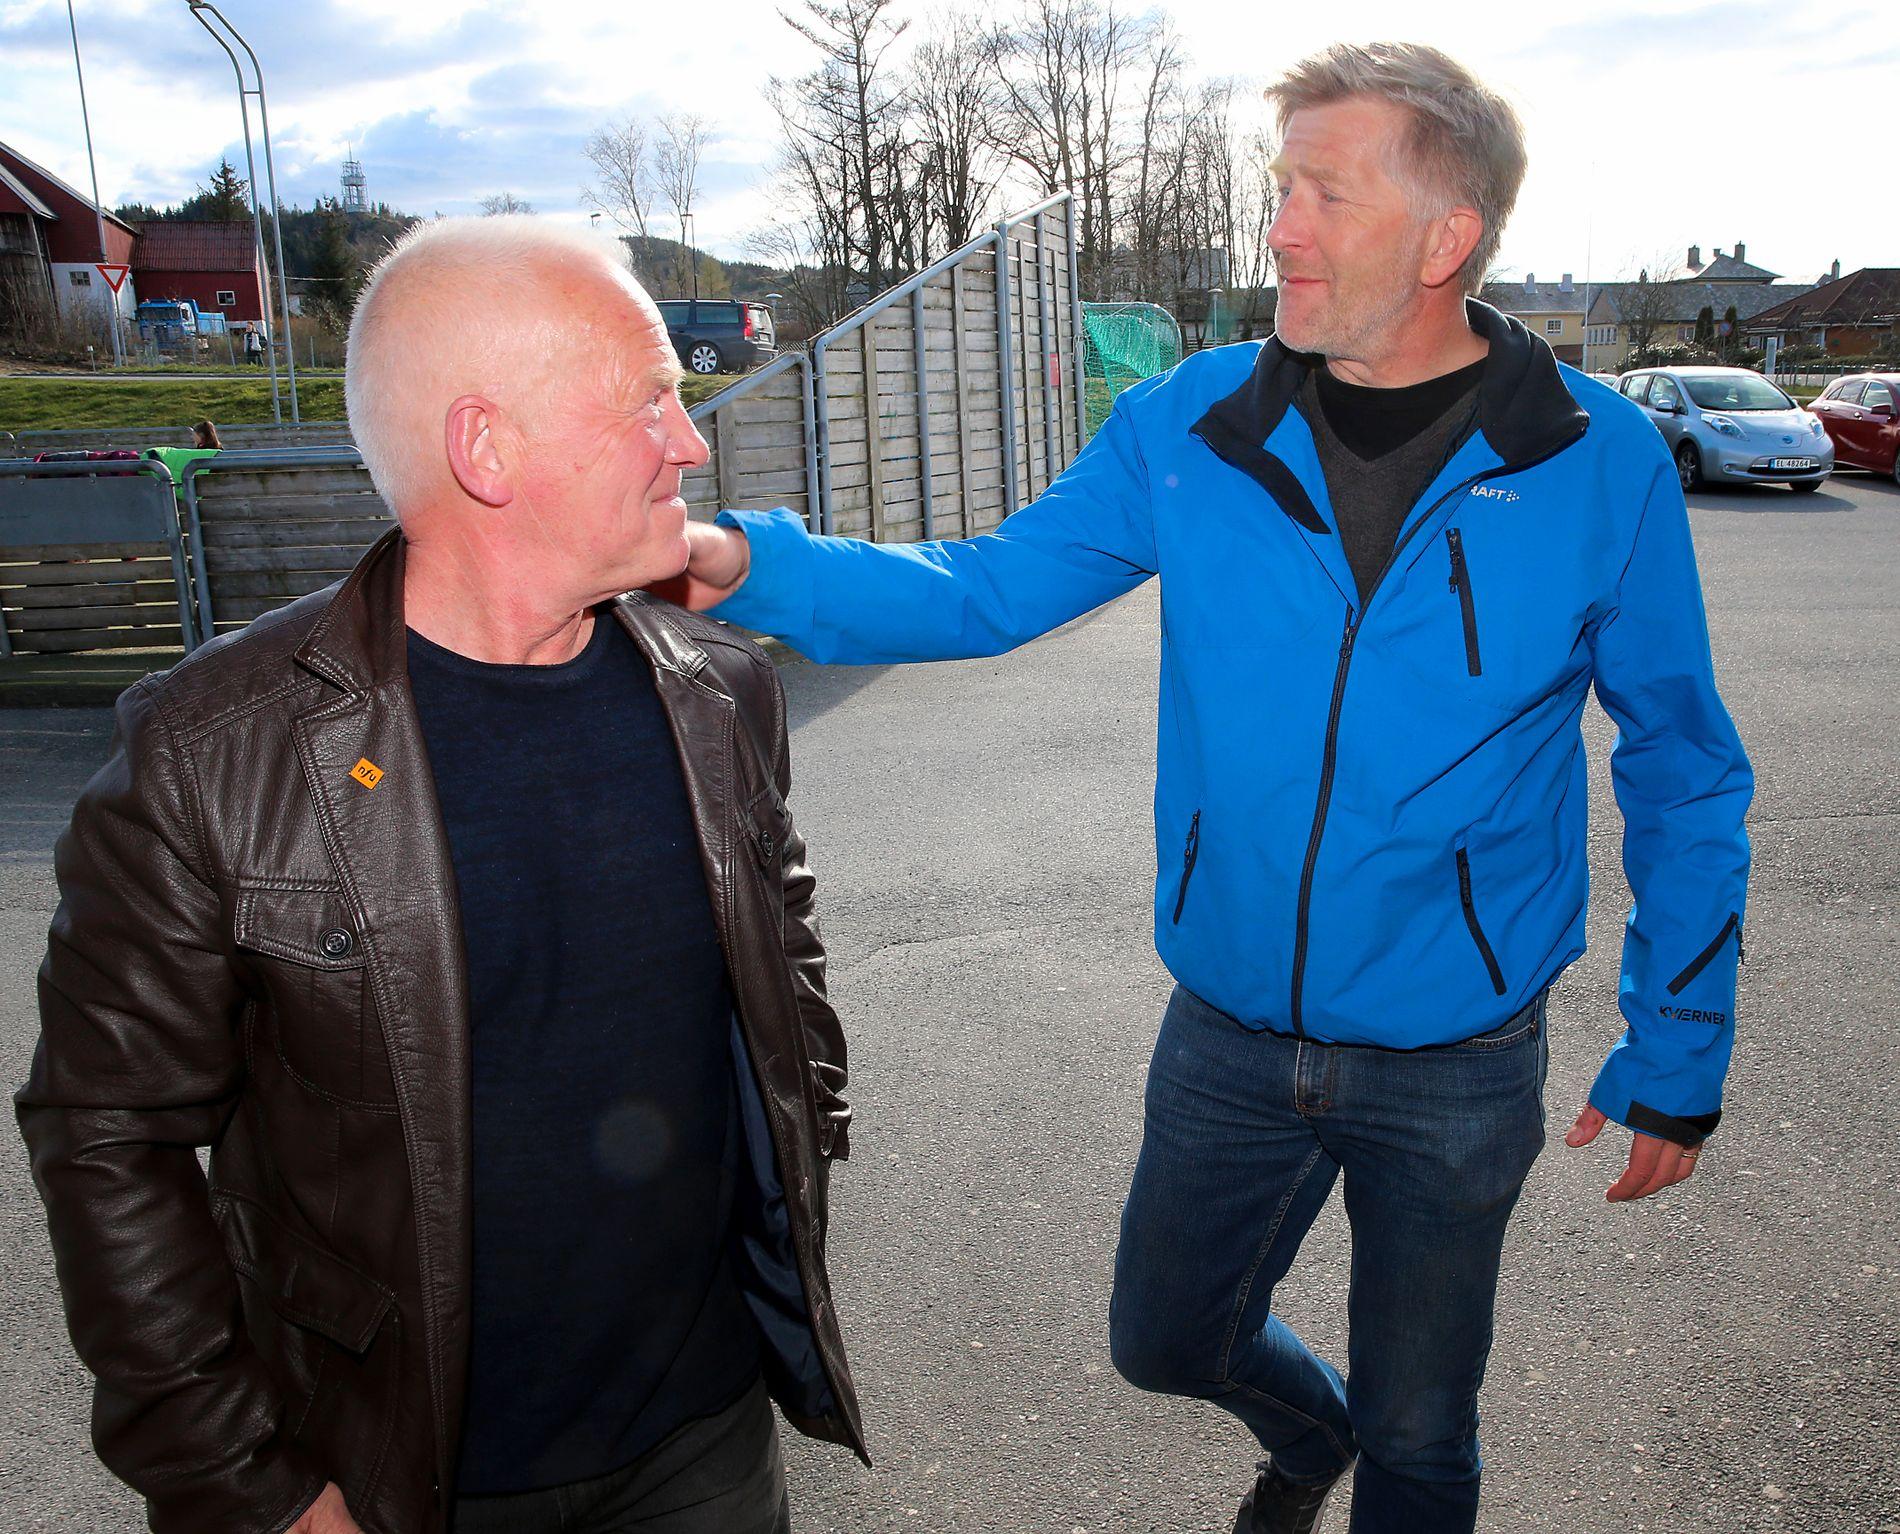 NEI-MANN: Geir Tore Søreide (t.v.) får en klapp på skulderen av Jarle Nesbø, som er på vei inn for å stemme i Fitjar. Søreide mener mange stemmer nei fordi de har for lite informasjon, ikke på grunn av følelser. – Dette er ikke en fotballkamp der vi heier på Fitjar mot Stord, sier han.